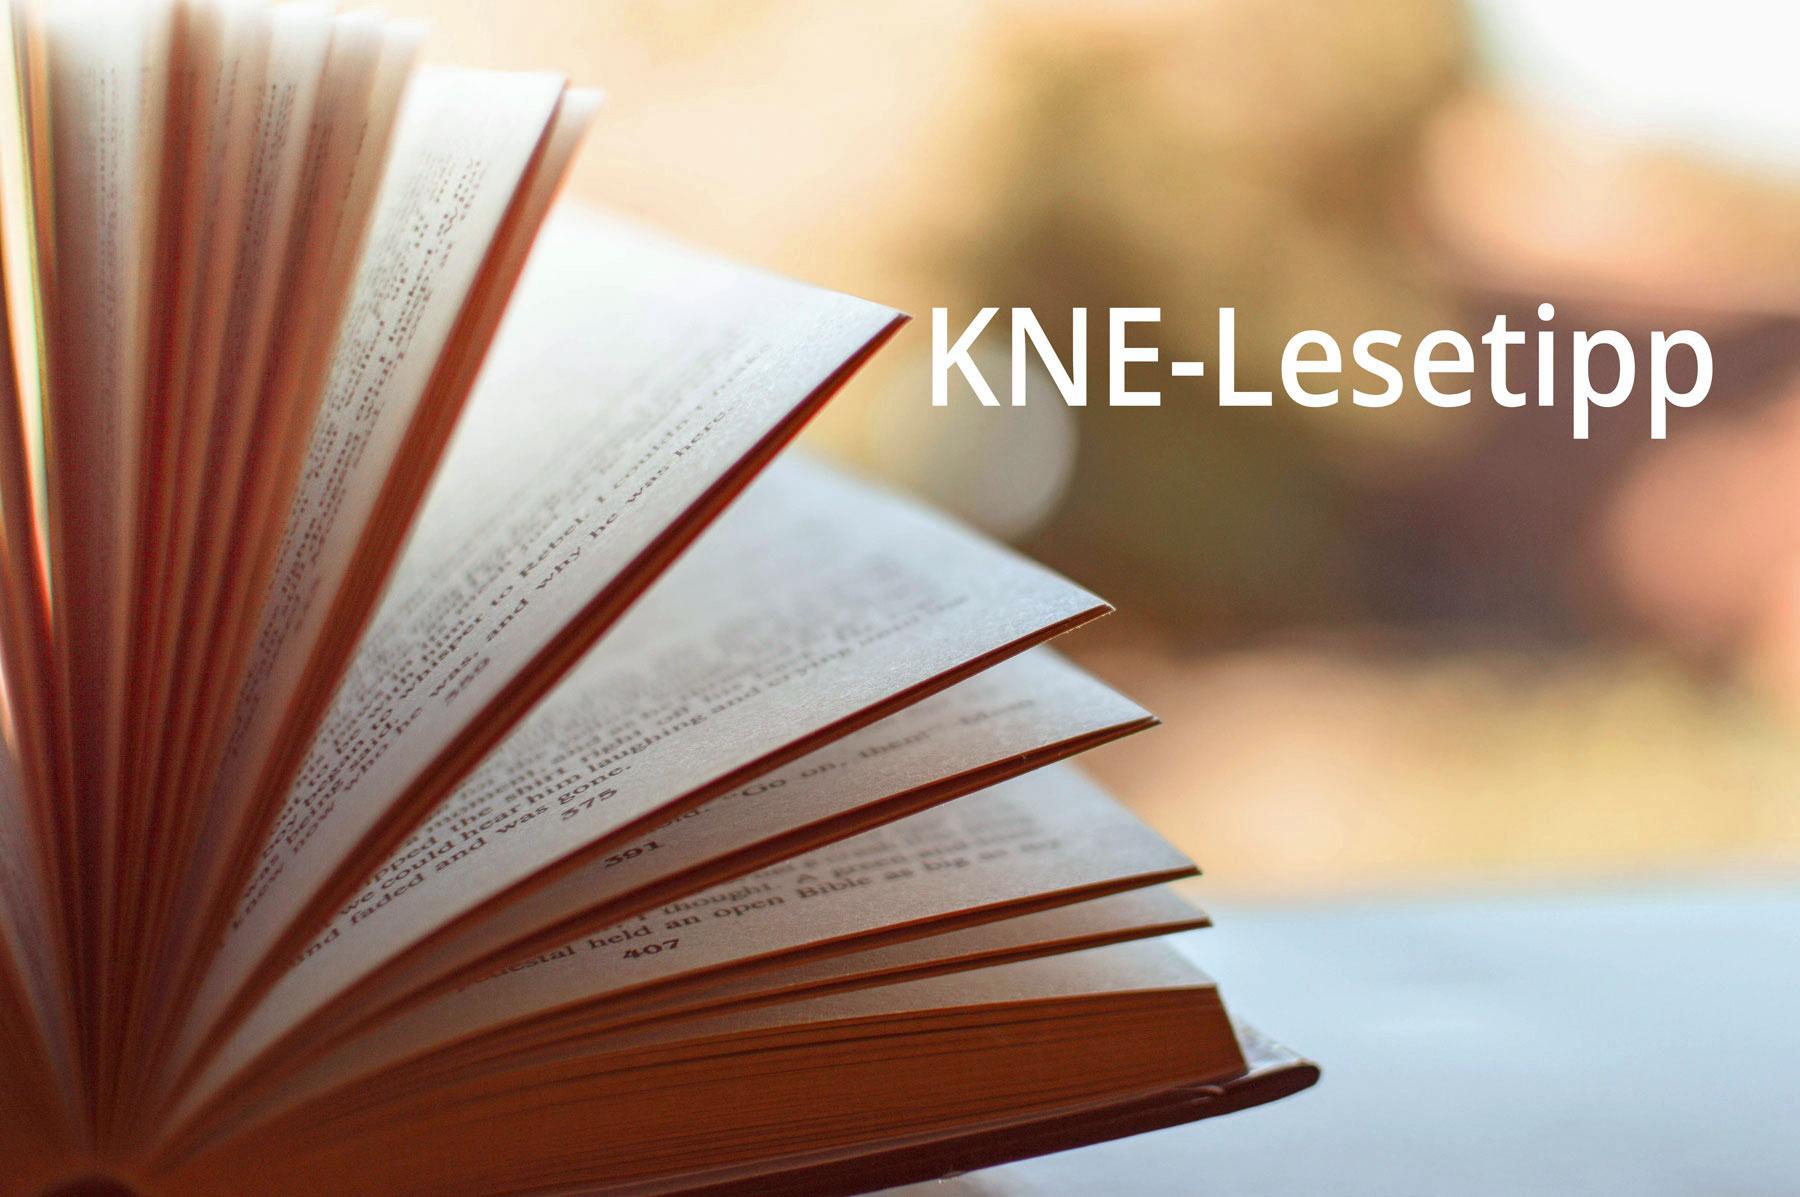 Aufgeschlagenes Buch und Schrift KNE-Lesetipp